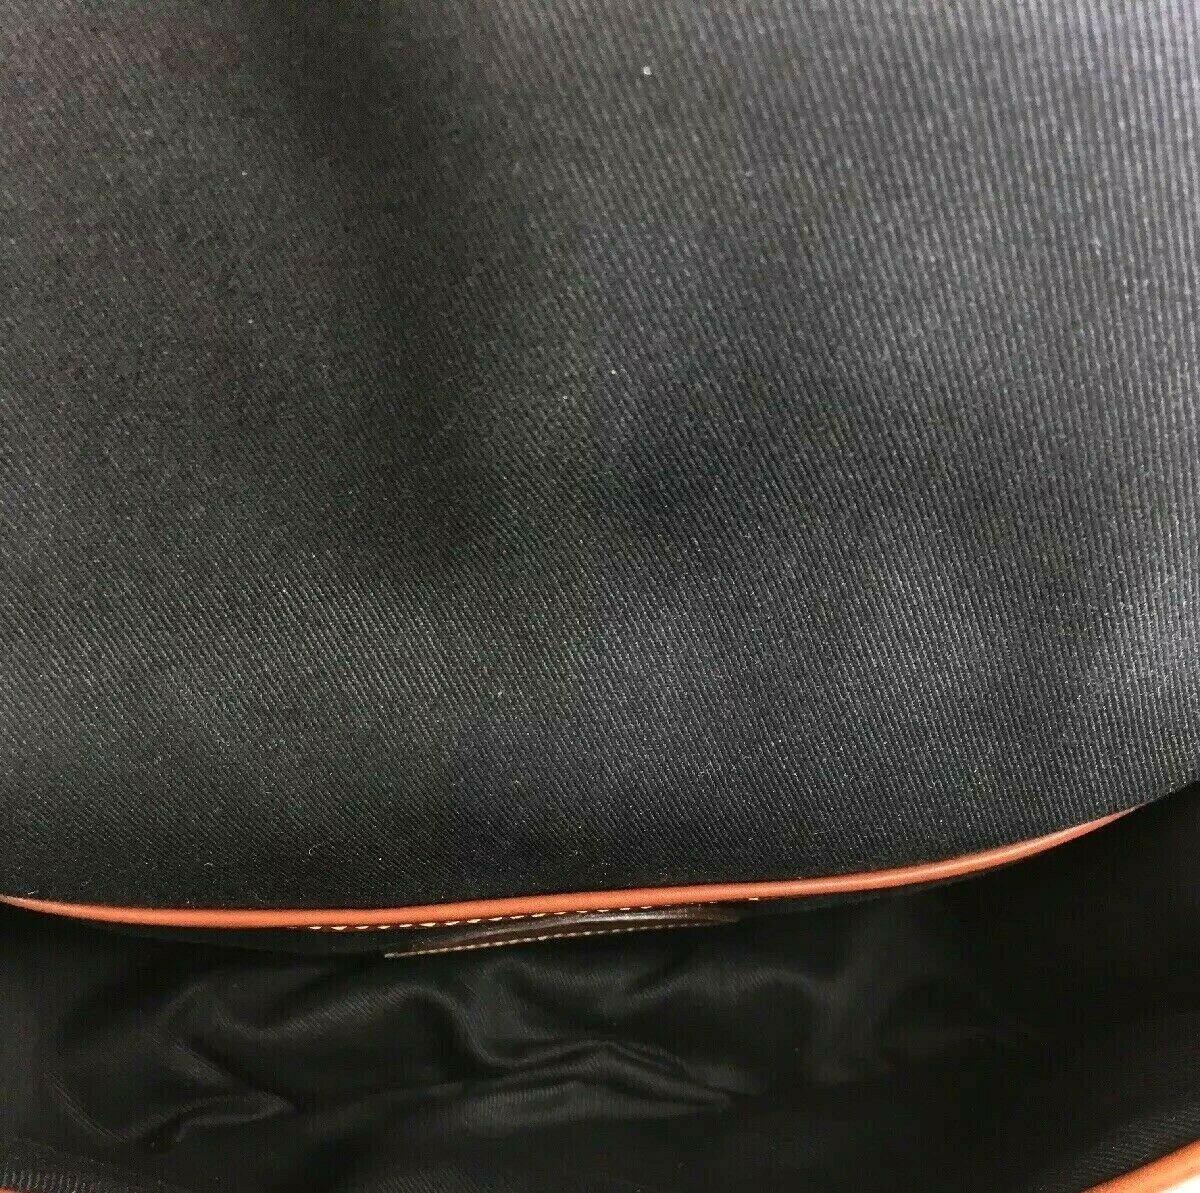 Tusting Vintage Black Leather Brown Trim Crossbody Shoulder Bag- Made in England